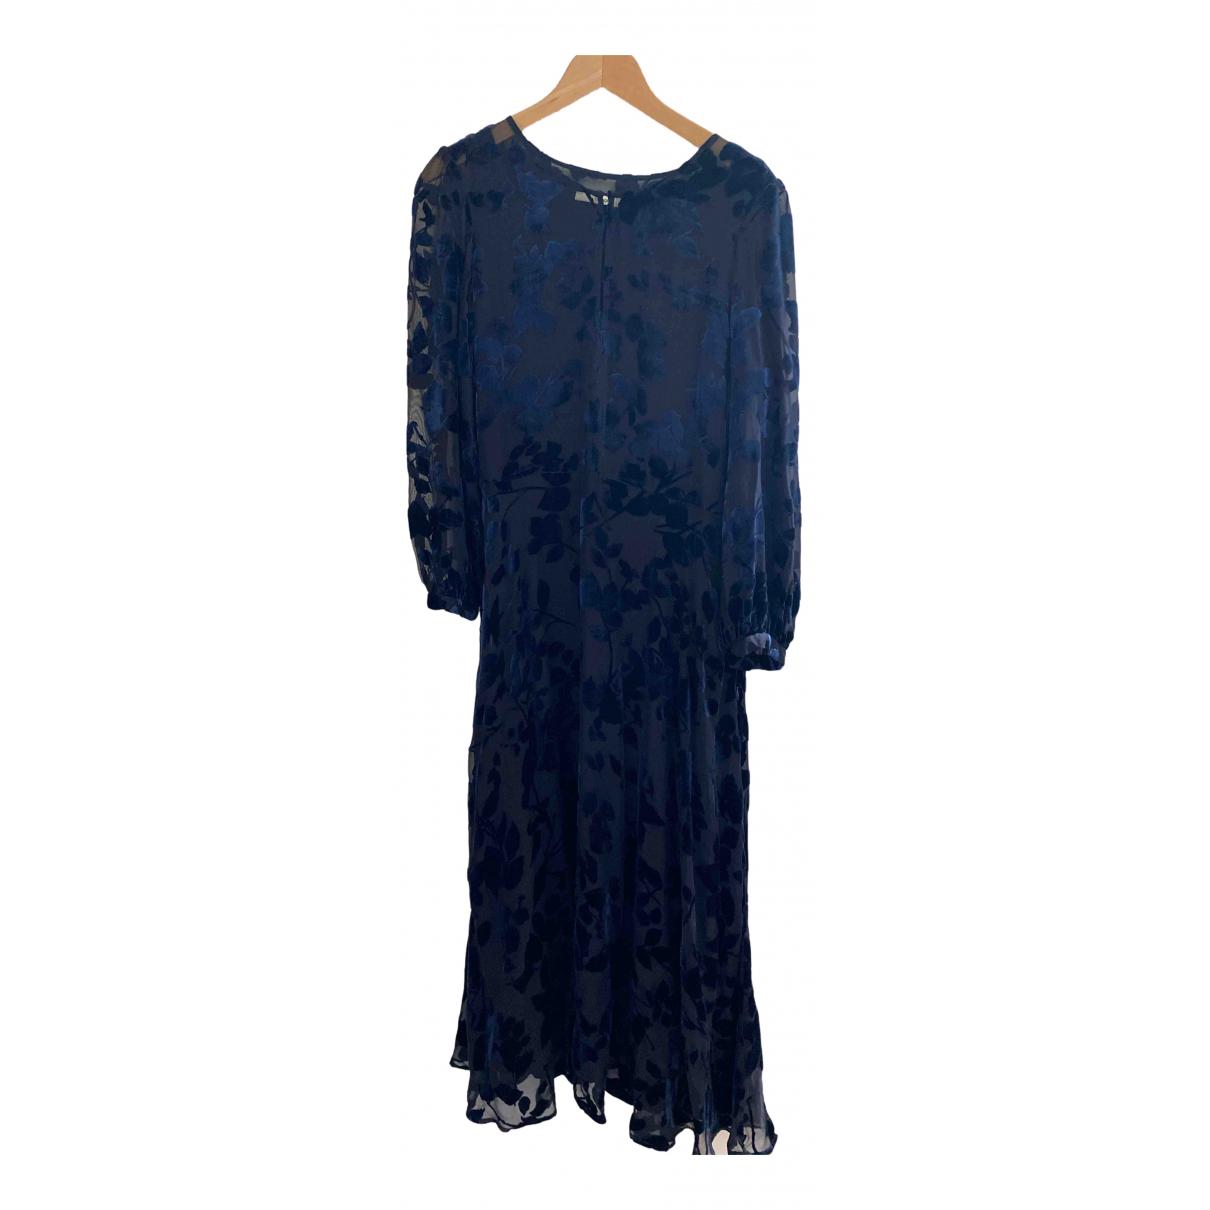 Uterque \N Kleid in  Blau Seide